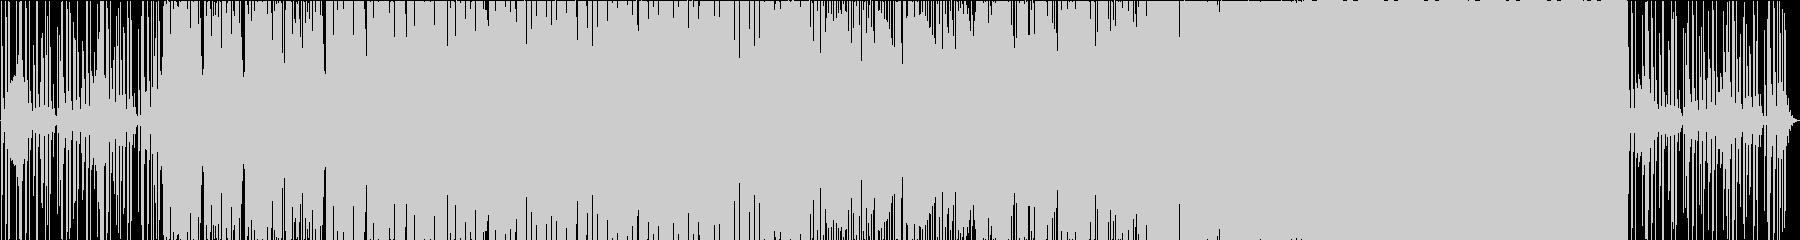 トロピカルな雰囲気のEDMの未再生の波形